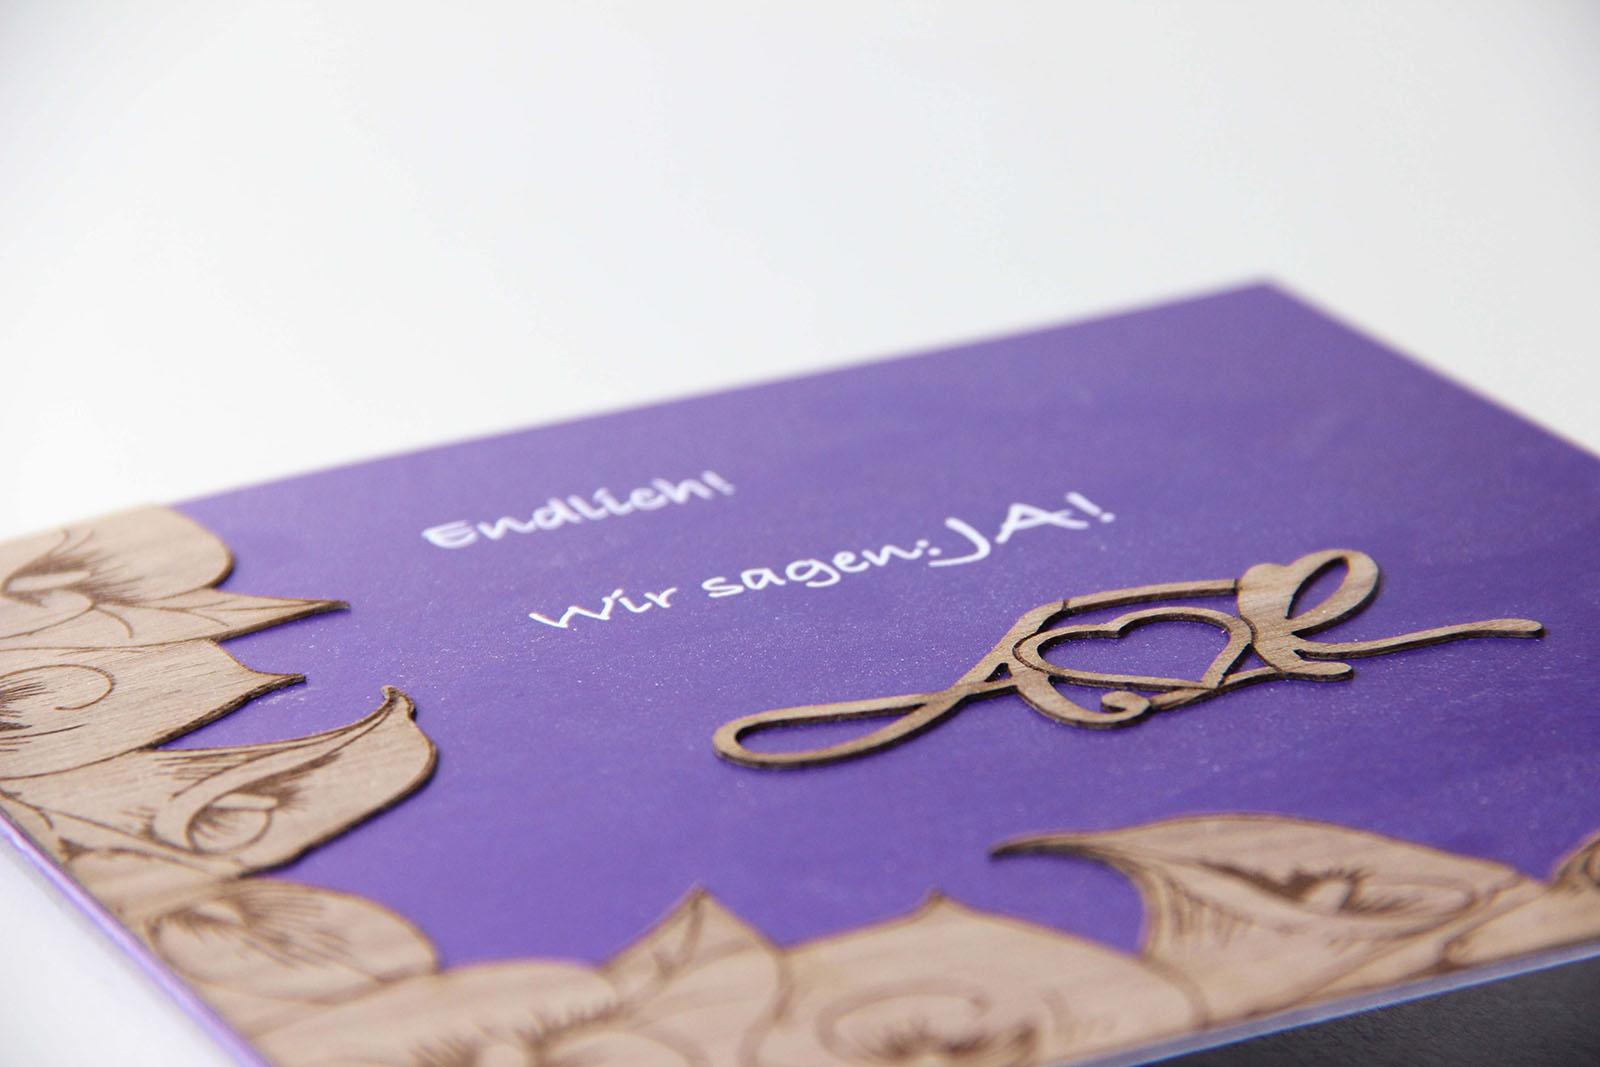 Holzgrusskarte - Einladung zur Hochzeit